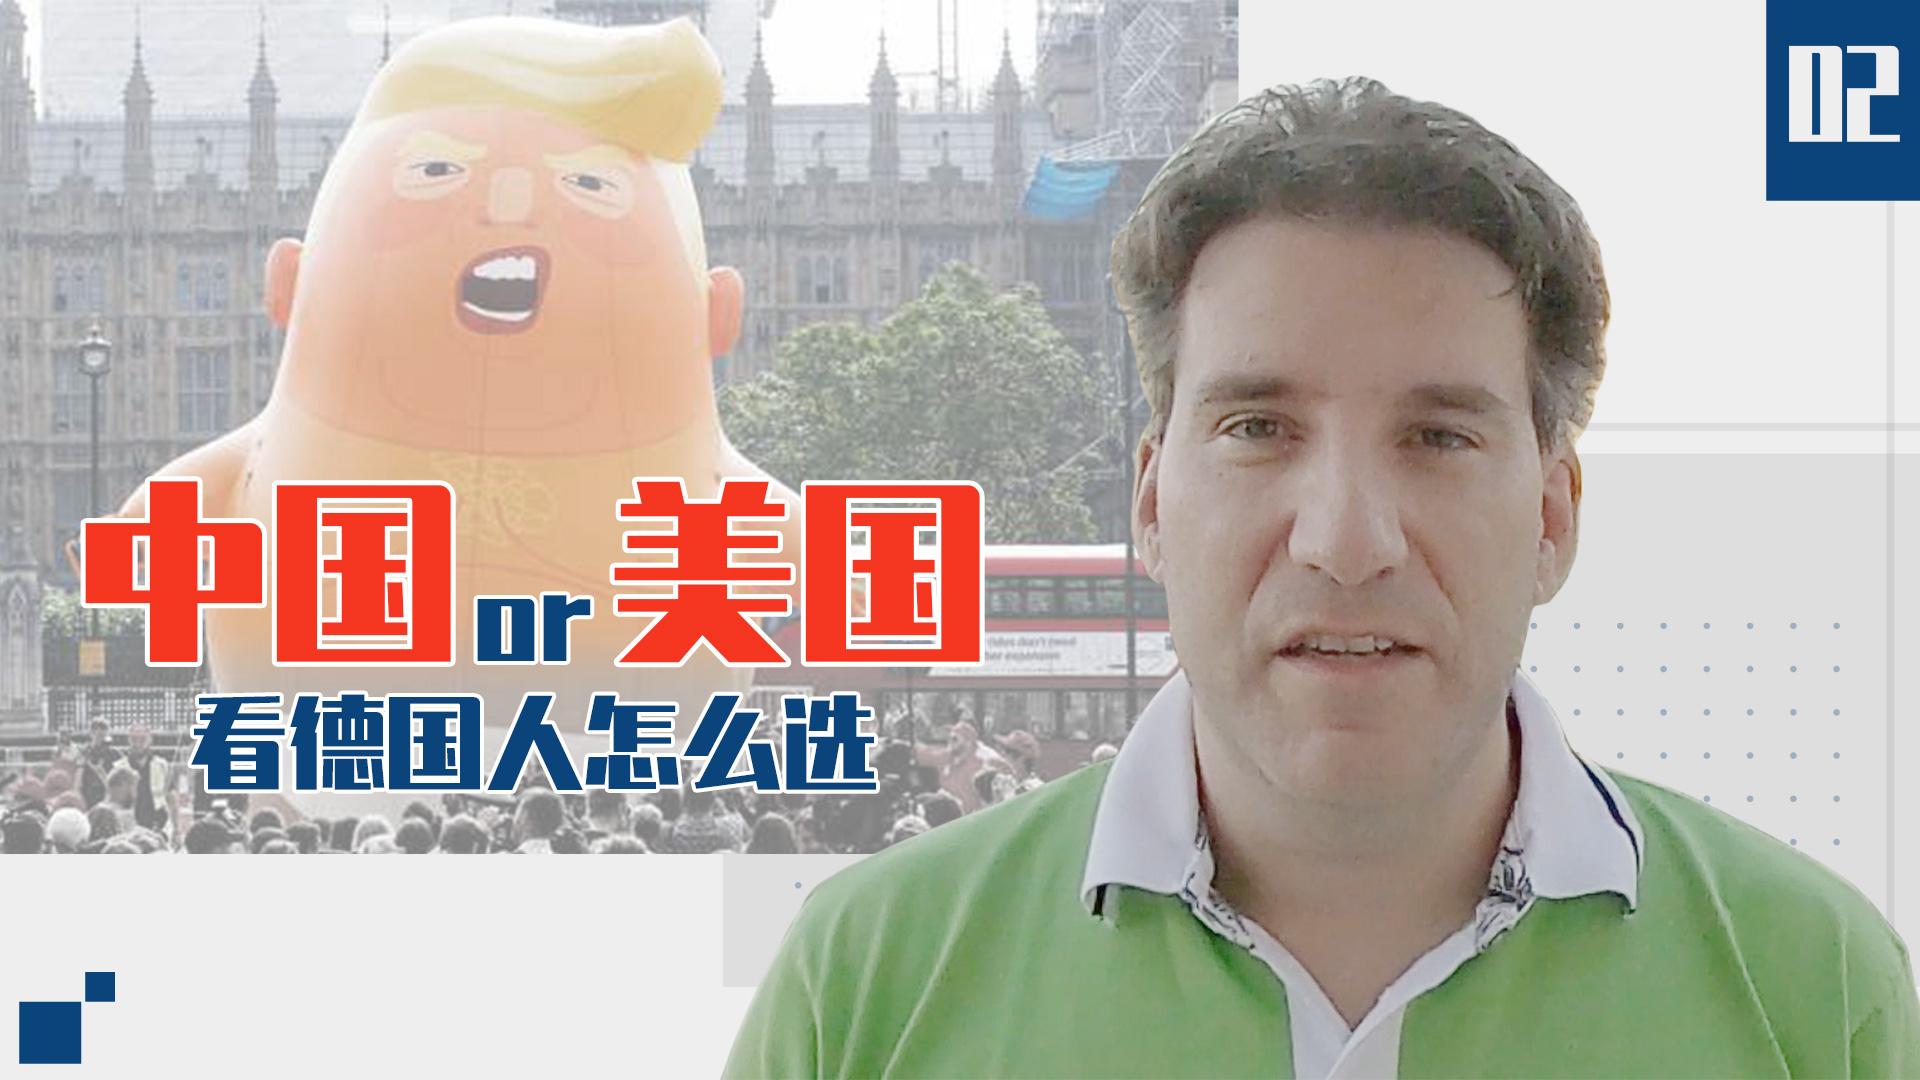 """刚刚连线02:在美国一顿""""神""""操作下,德国人竟也开始欣赏中国了……"""